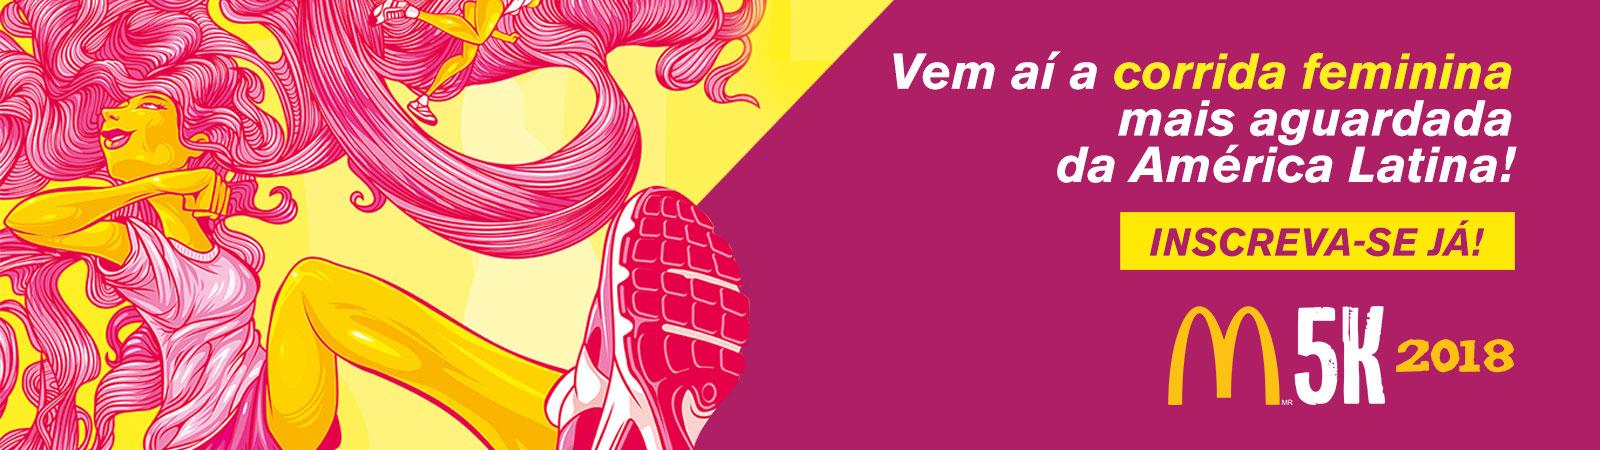 CORRIDA E CAMINHADA FEMININA McDonald's 5K 2018 - RIO DE JANEIRO - Imagem de topo